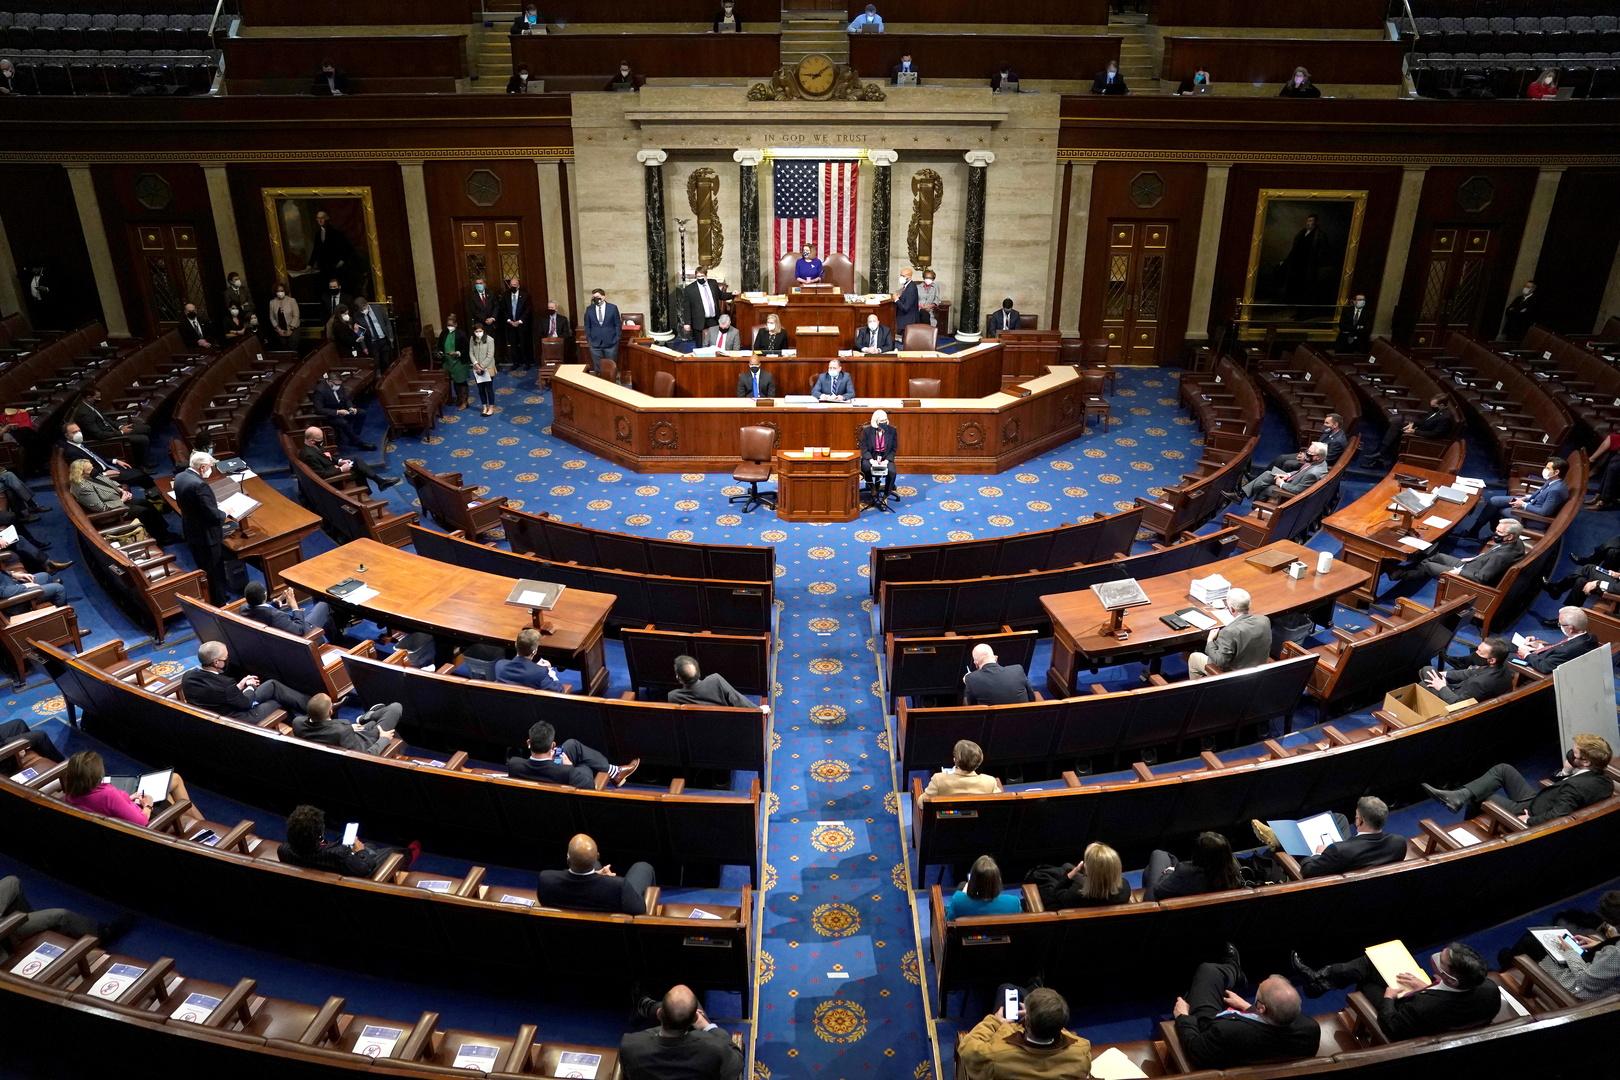 الكونغرس الأمريكي يستأنف الجلسة المشتركة لفرز الأصوات الانتخابية